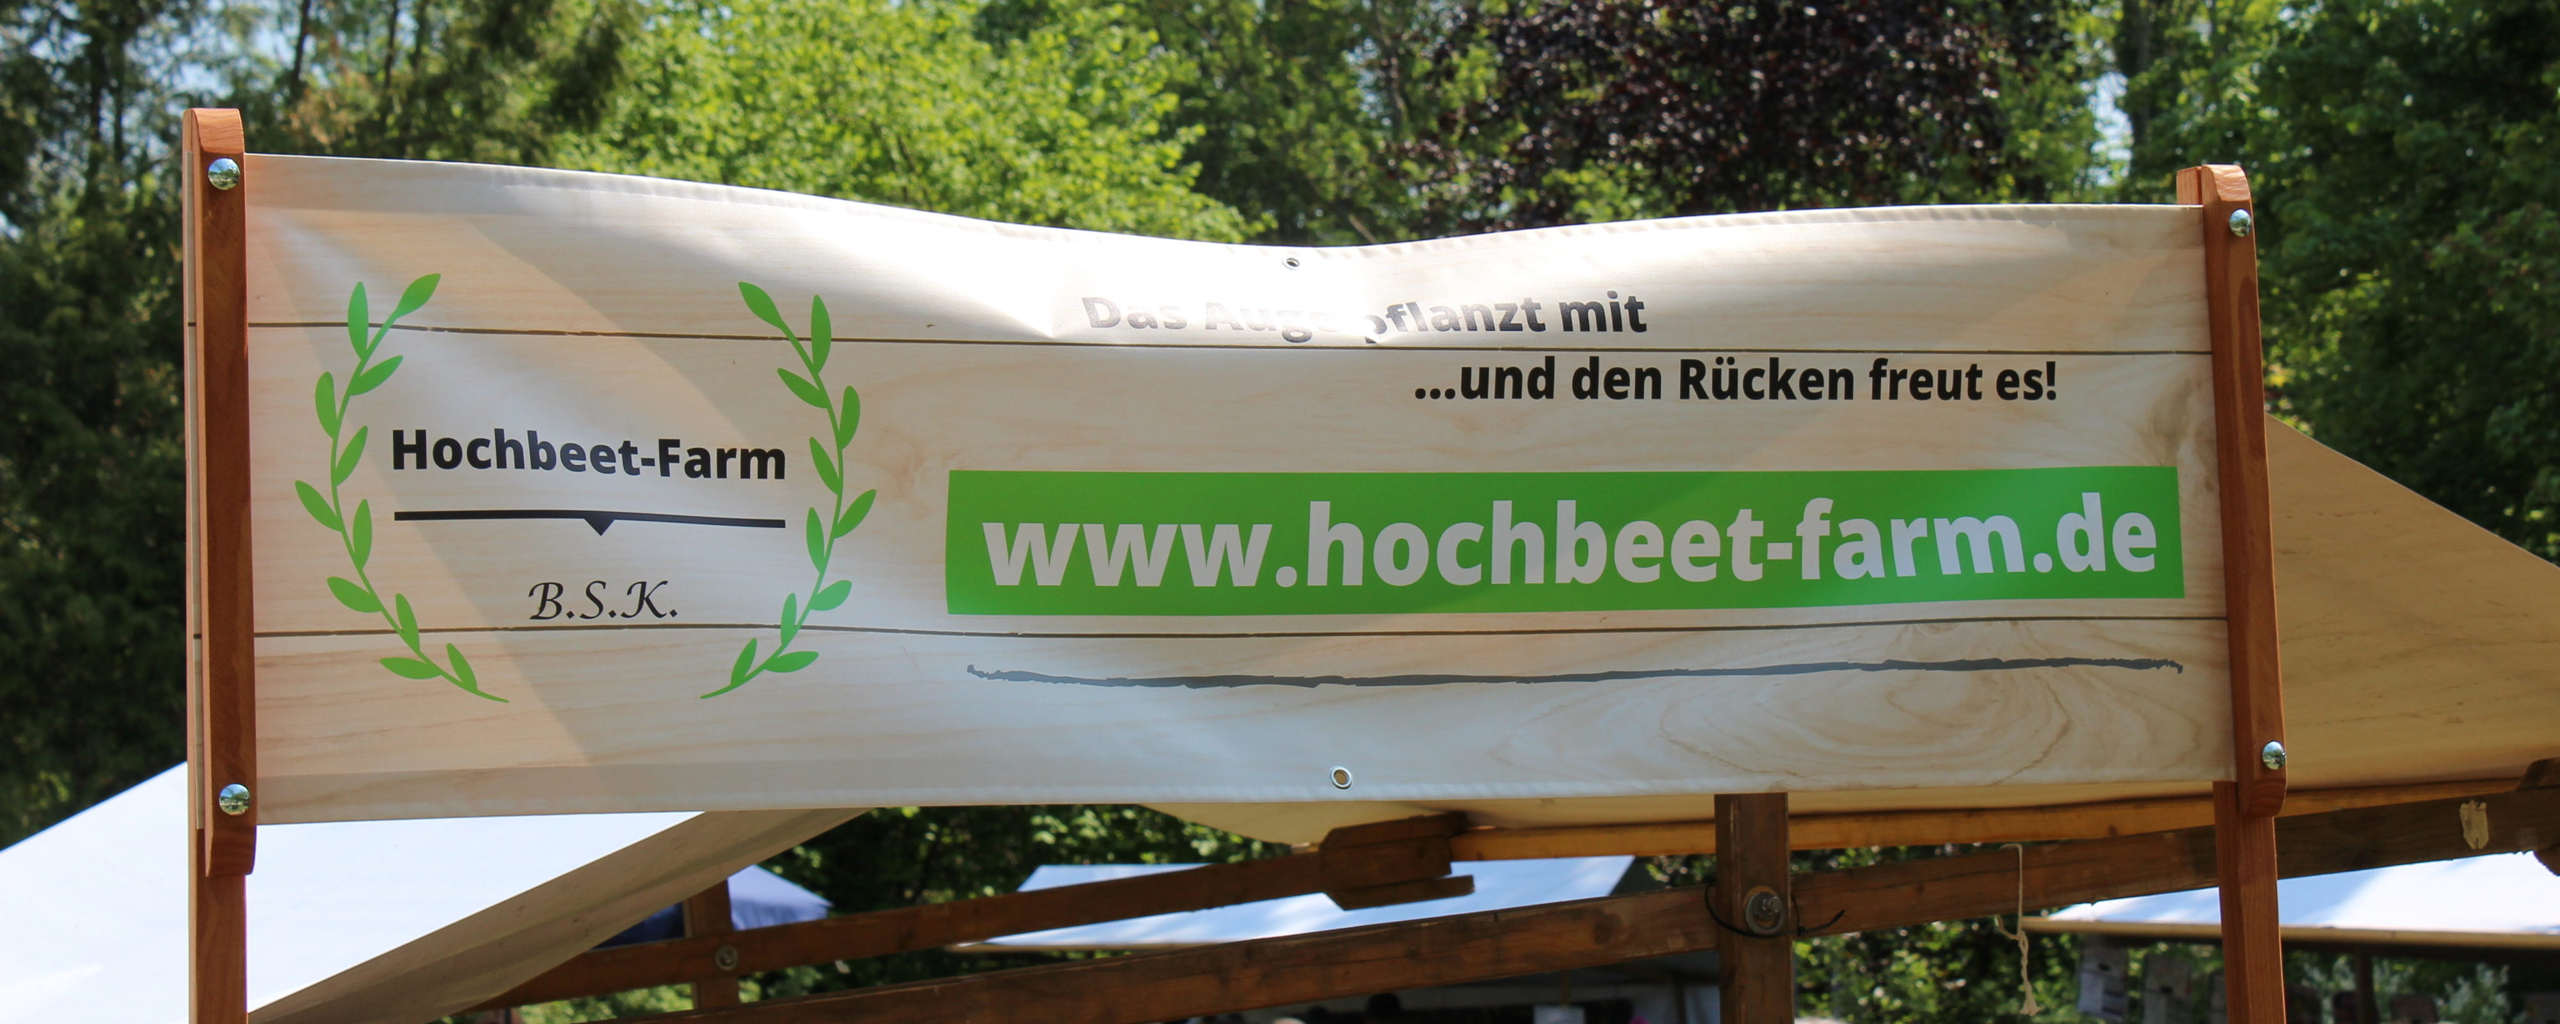 Hochbeet-Farm Banner, Buckower Gartentag